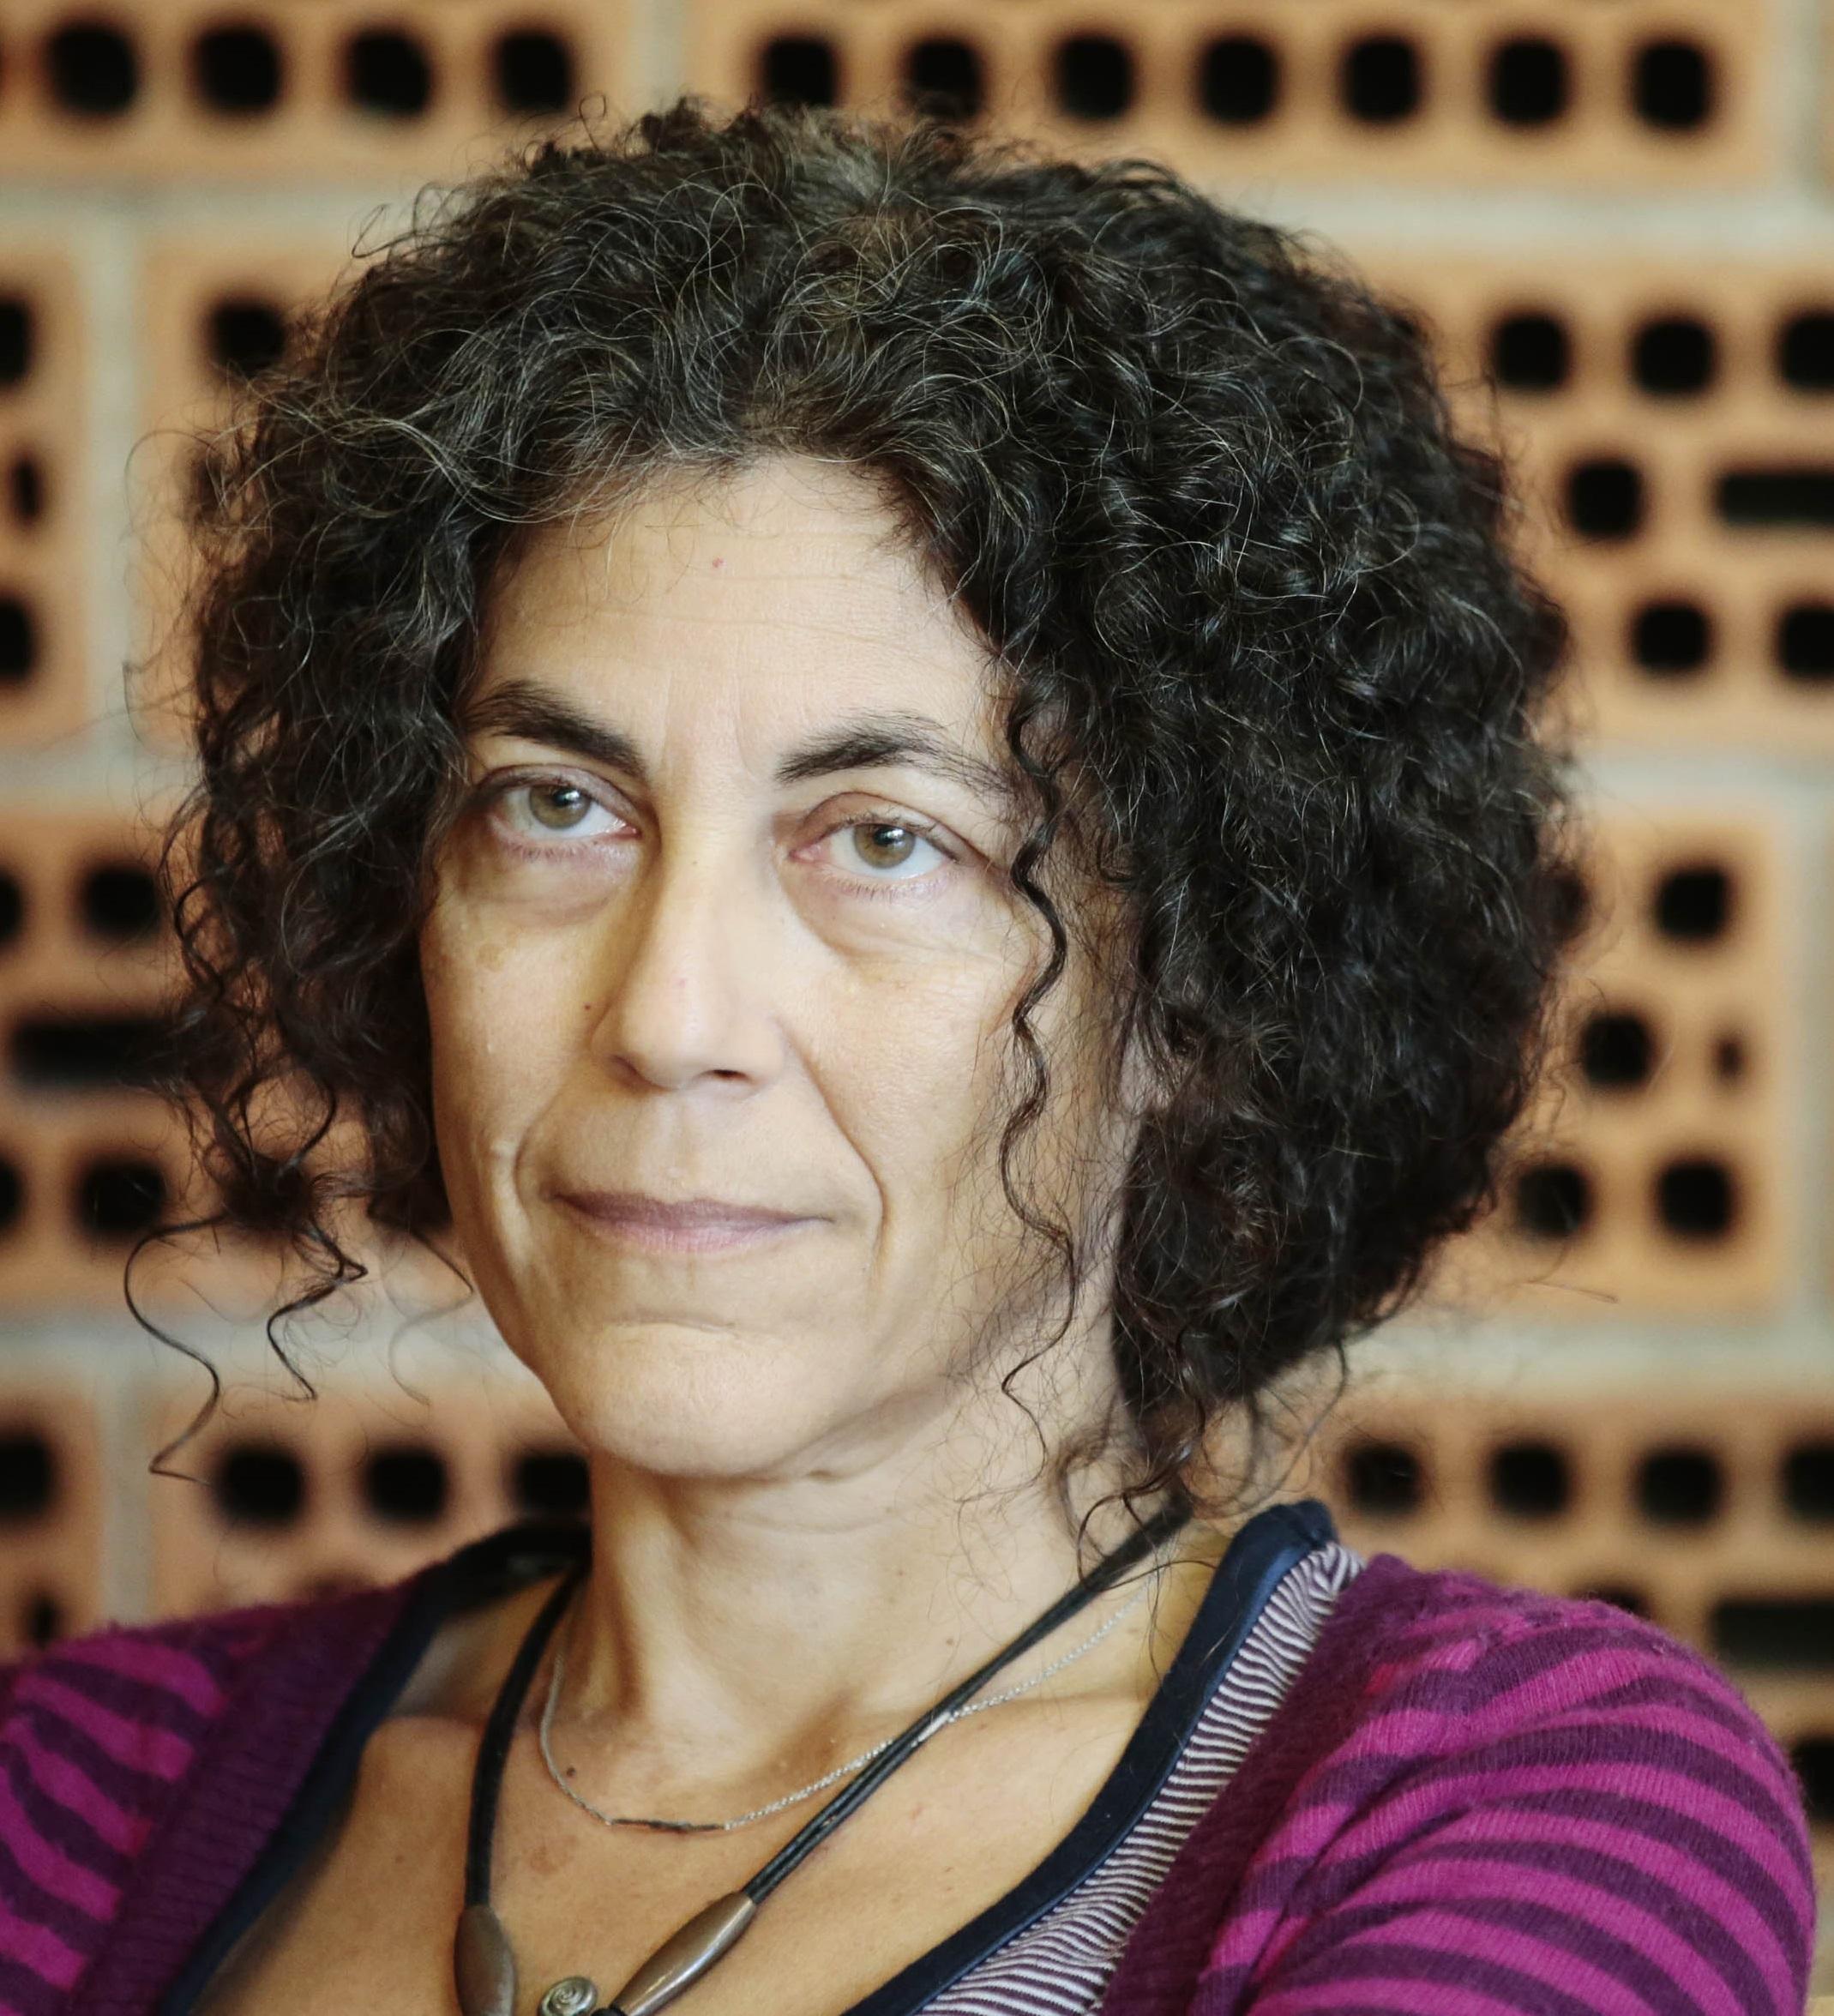 ماريا غراتسيا كالاندروني